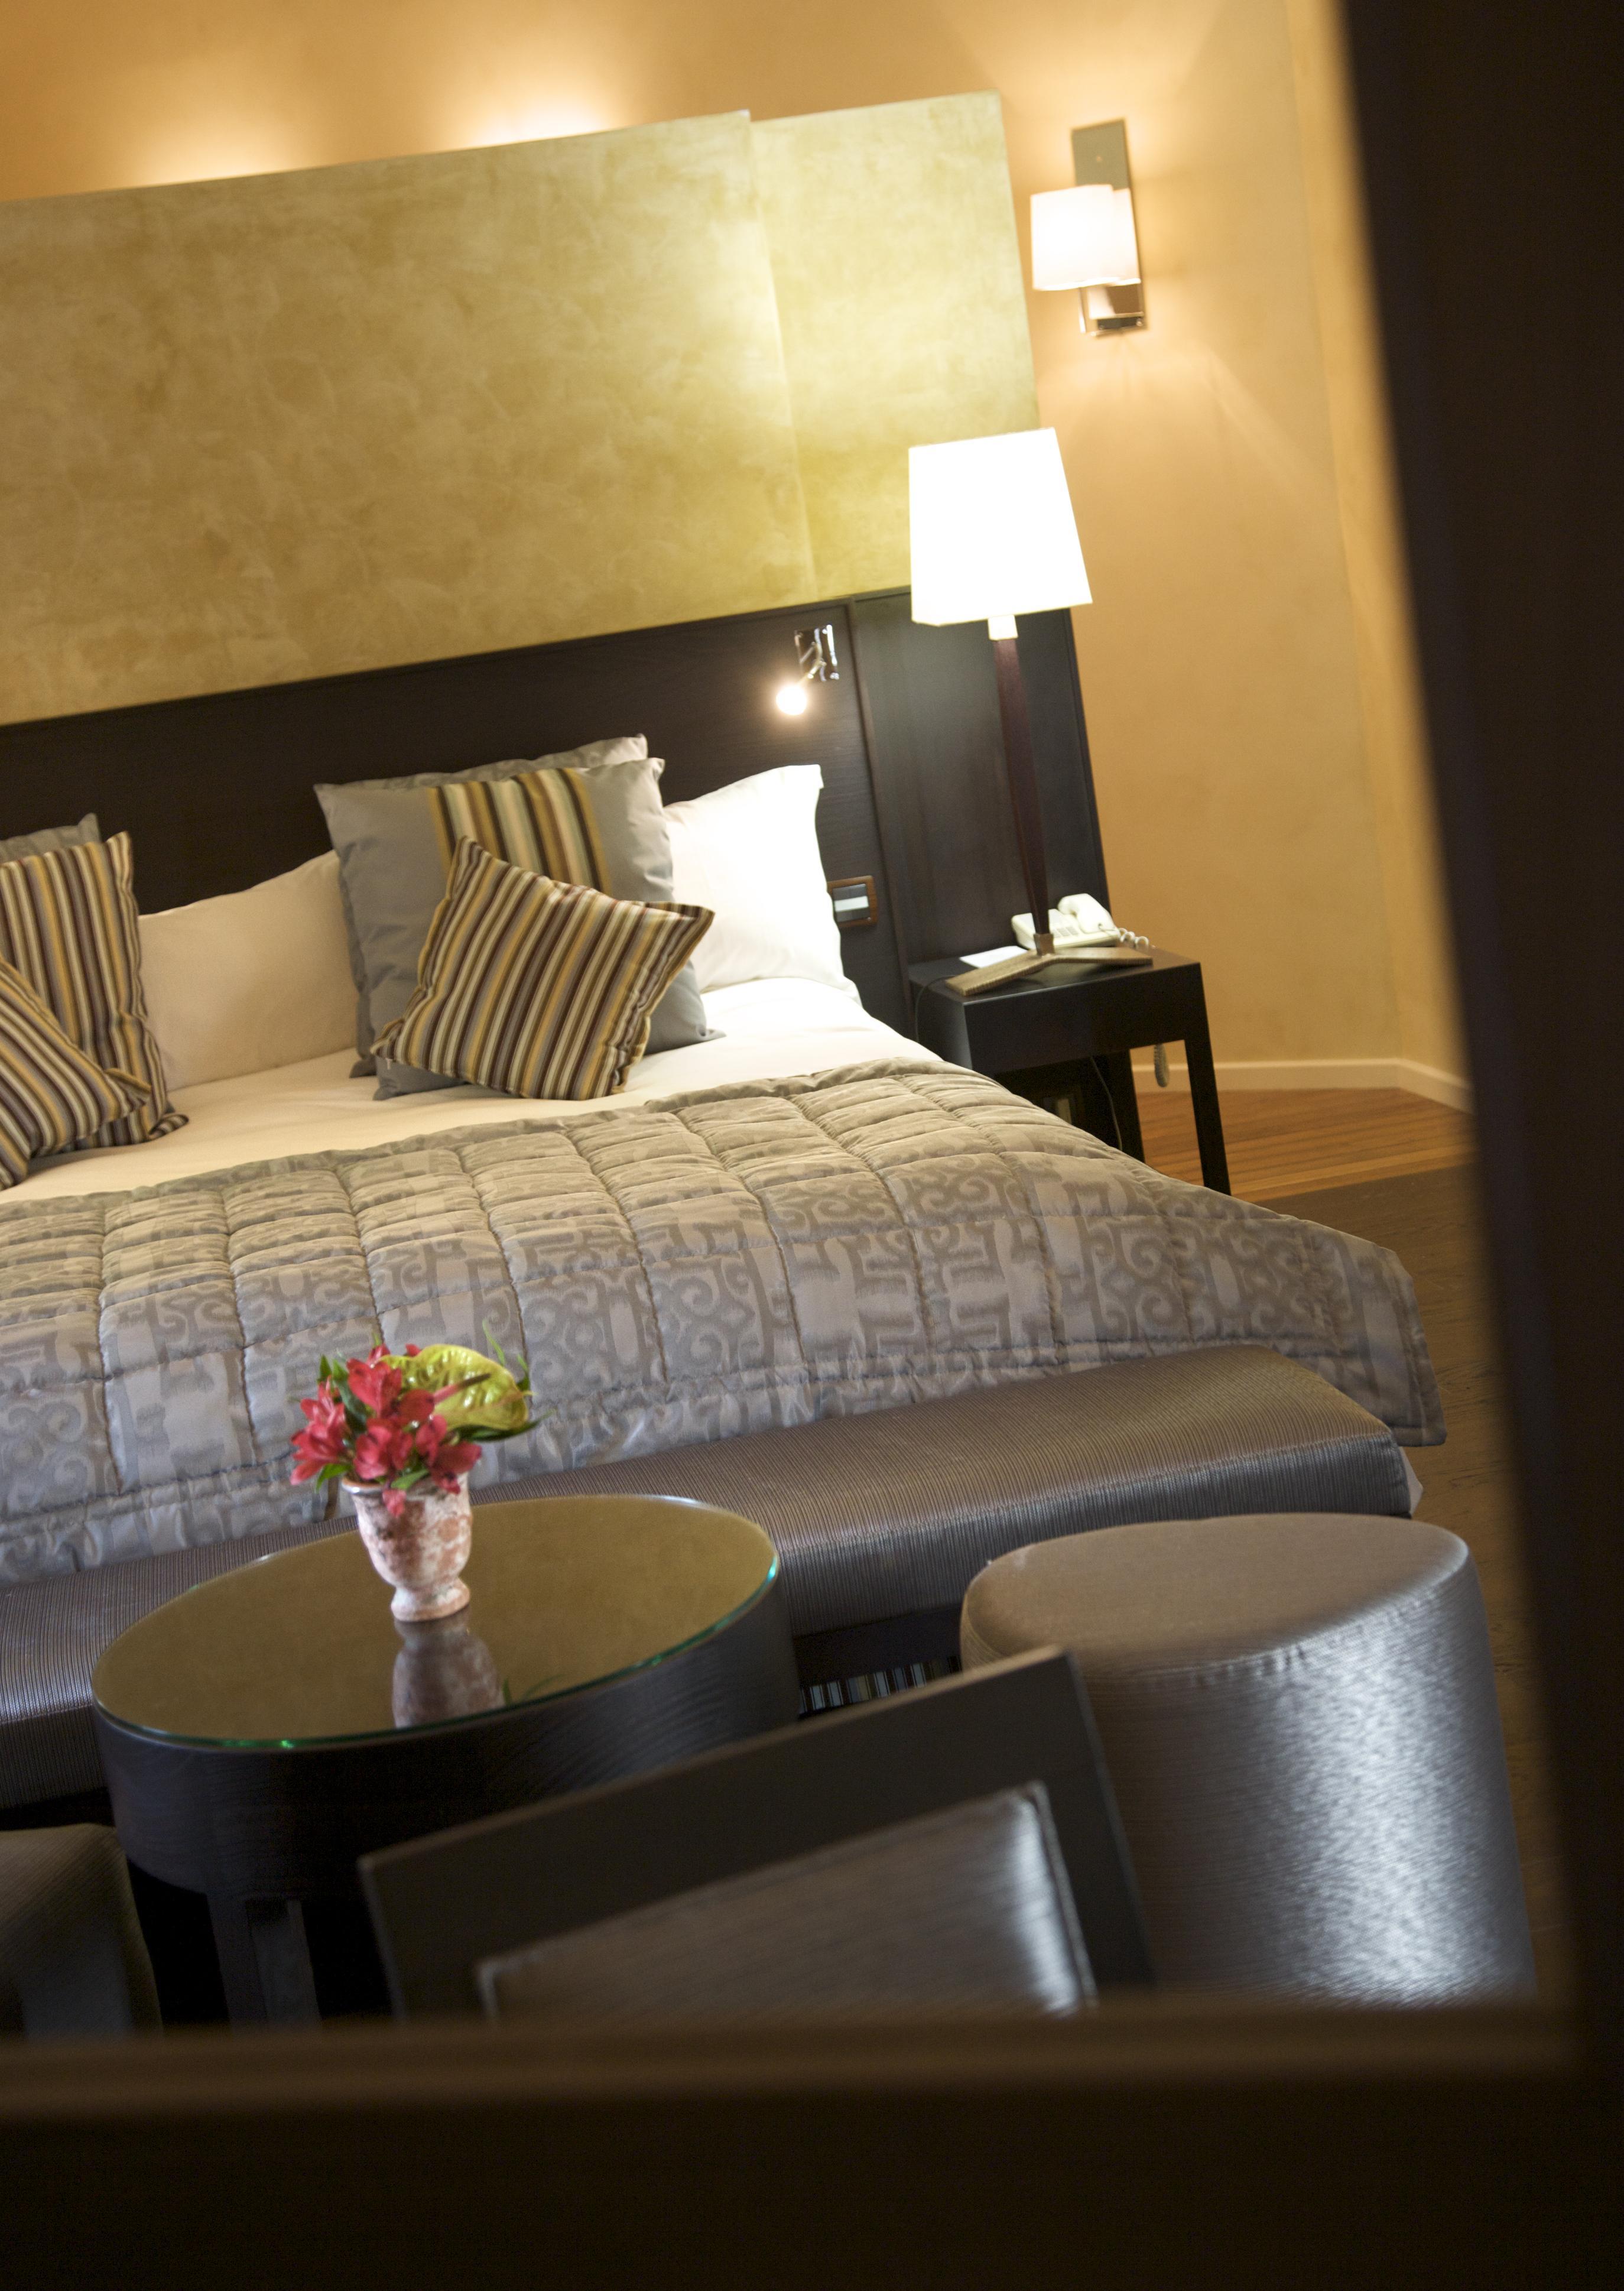 s jour romantique la maison chabran accord mets et vins. Black Bedroom Furniture Sets. Home Design Ideas